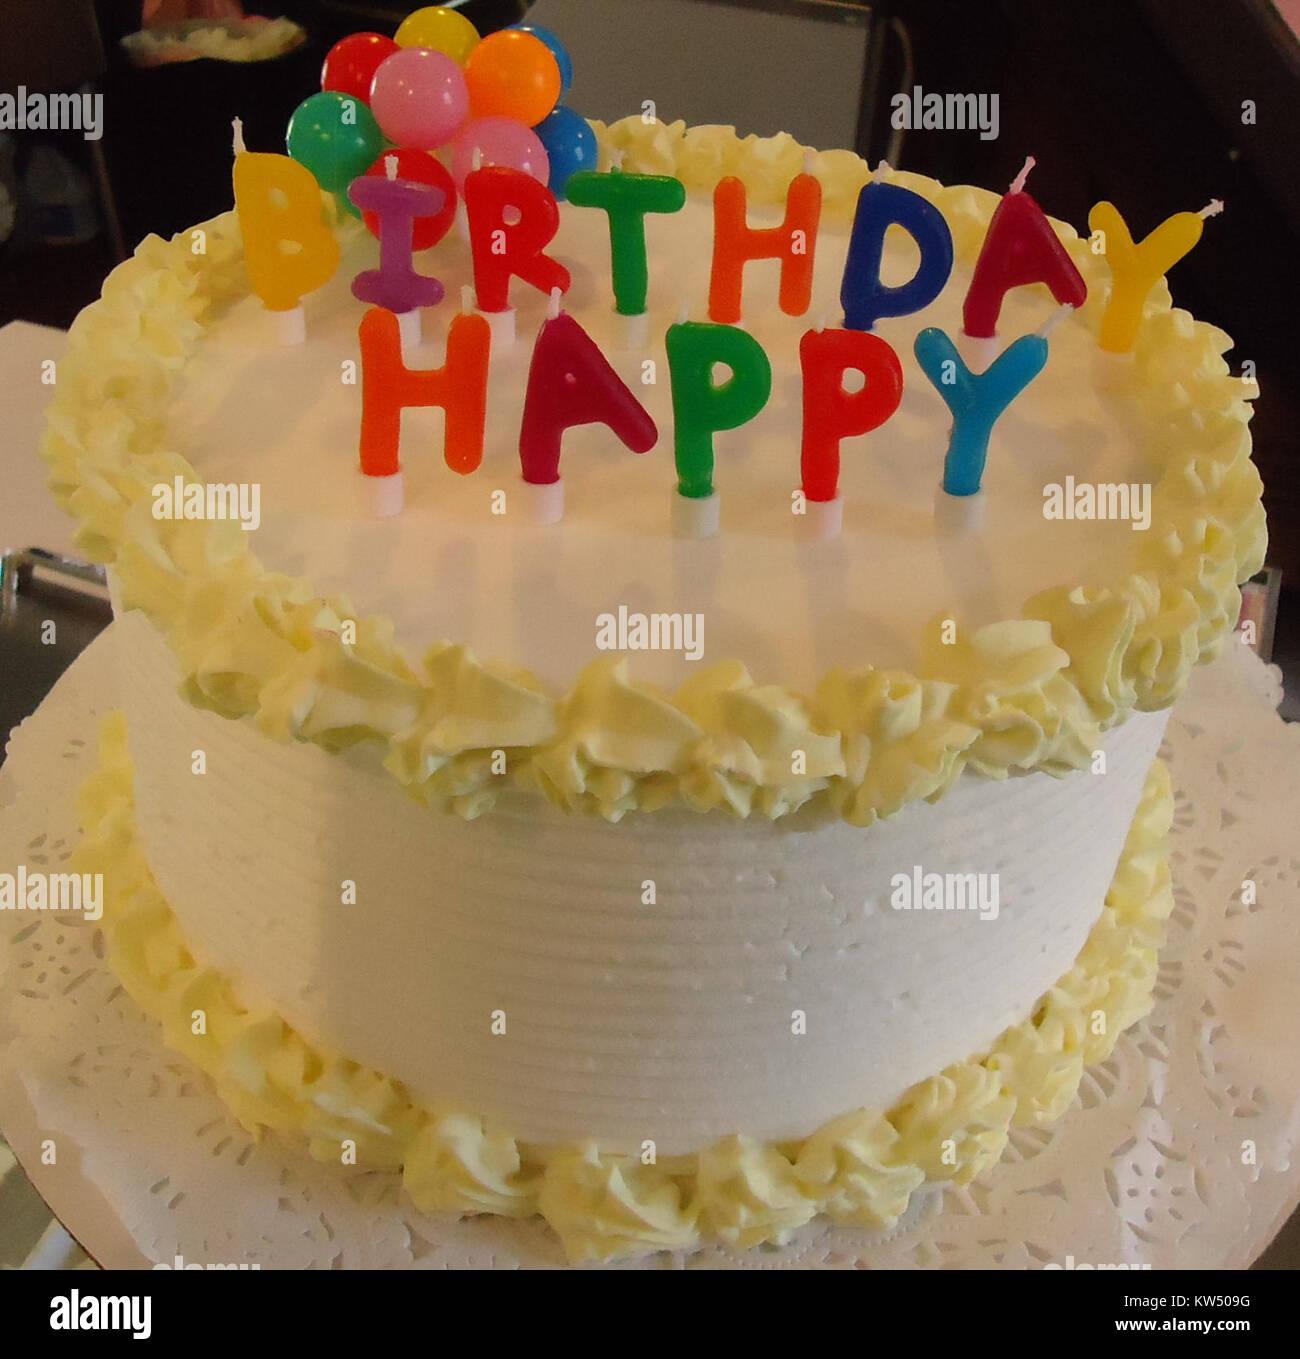 Birthday Cake In Ice Cream Shop Basking Ridge New Jersey